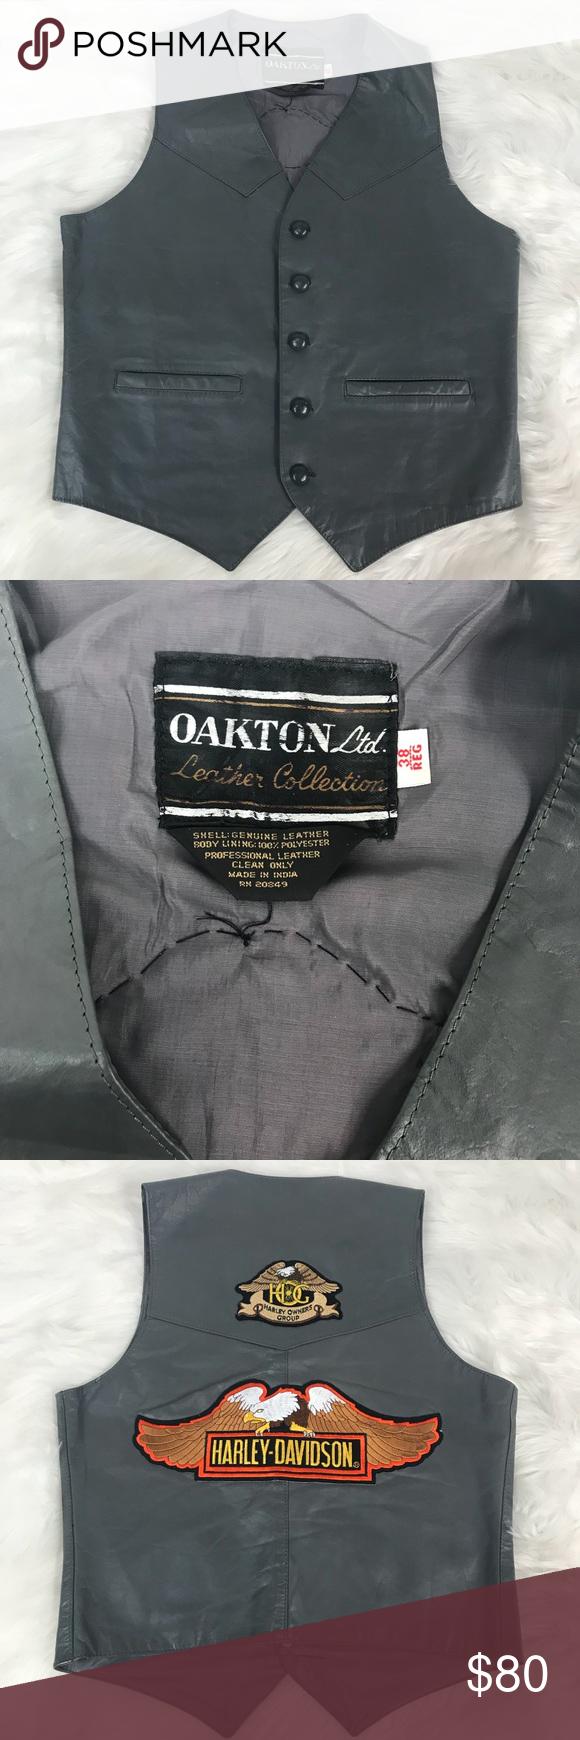 Oakton Leather Vest Vintage Harley Davidson Patch In 2018 My Posh